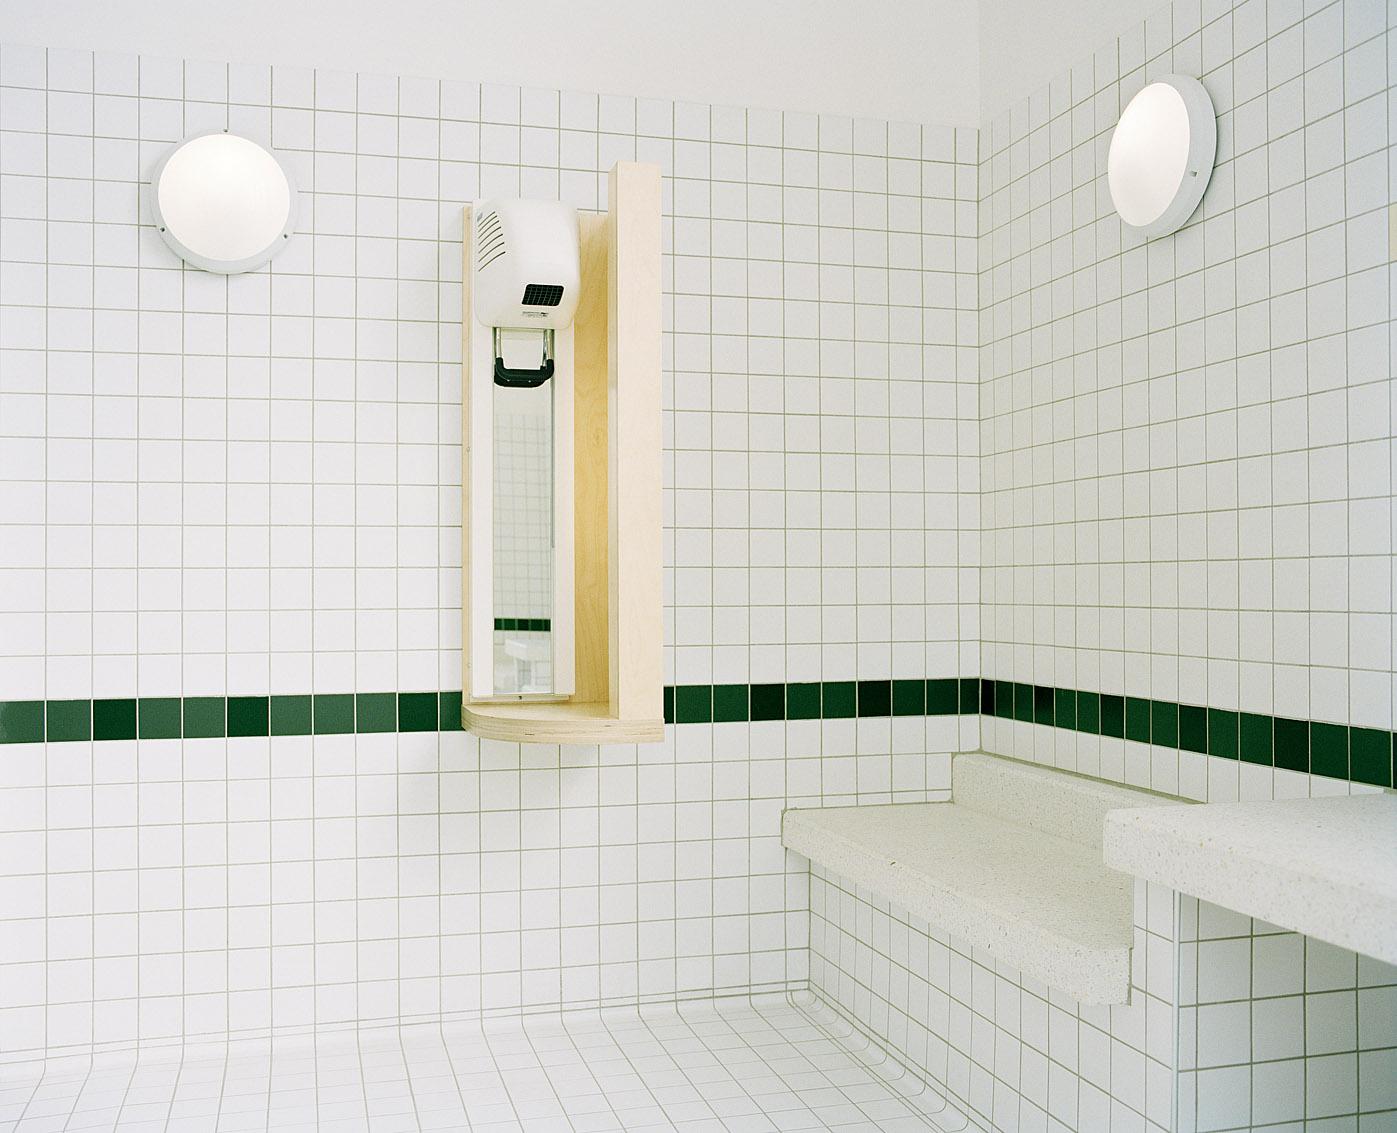 Salle d'attente des bains-douches municipaux des Haies, Paris.